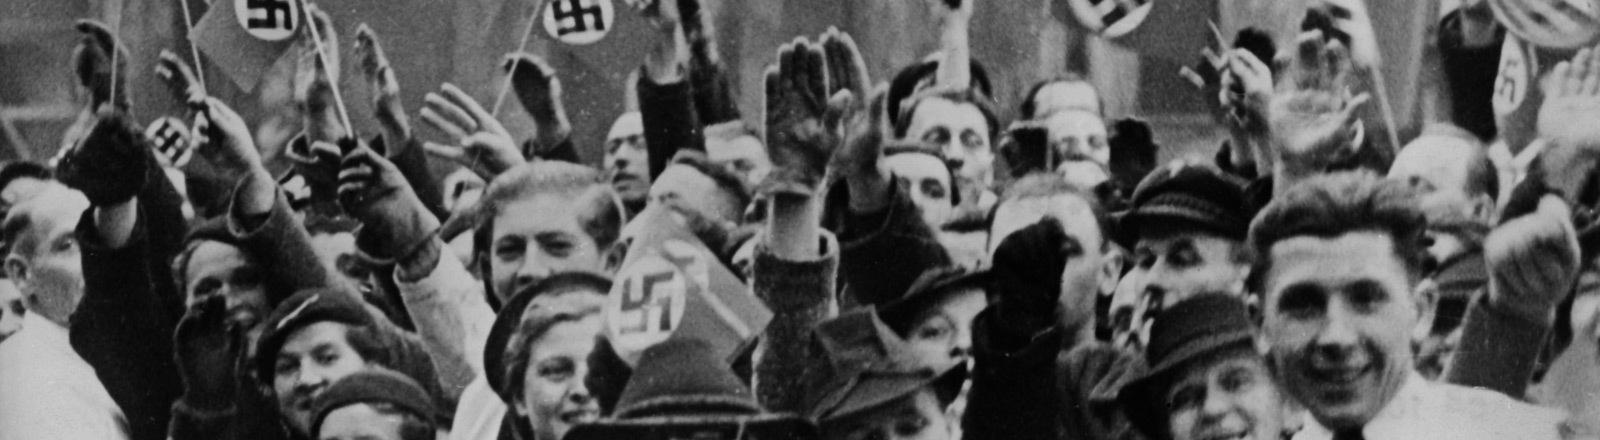 Menschen freuen sich bei der Ankunft von Rudolf Hess. Manche zeigen den Hitlergruß, andere schwenken Hakenkreuz-Flaggen.